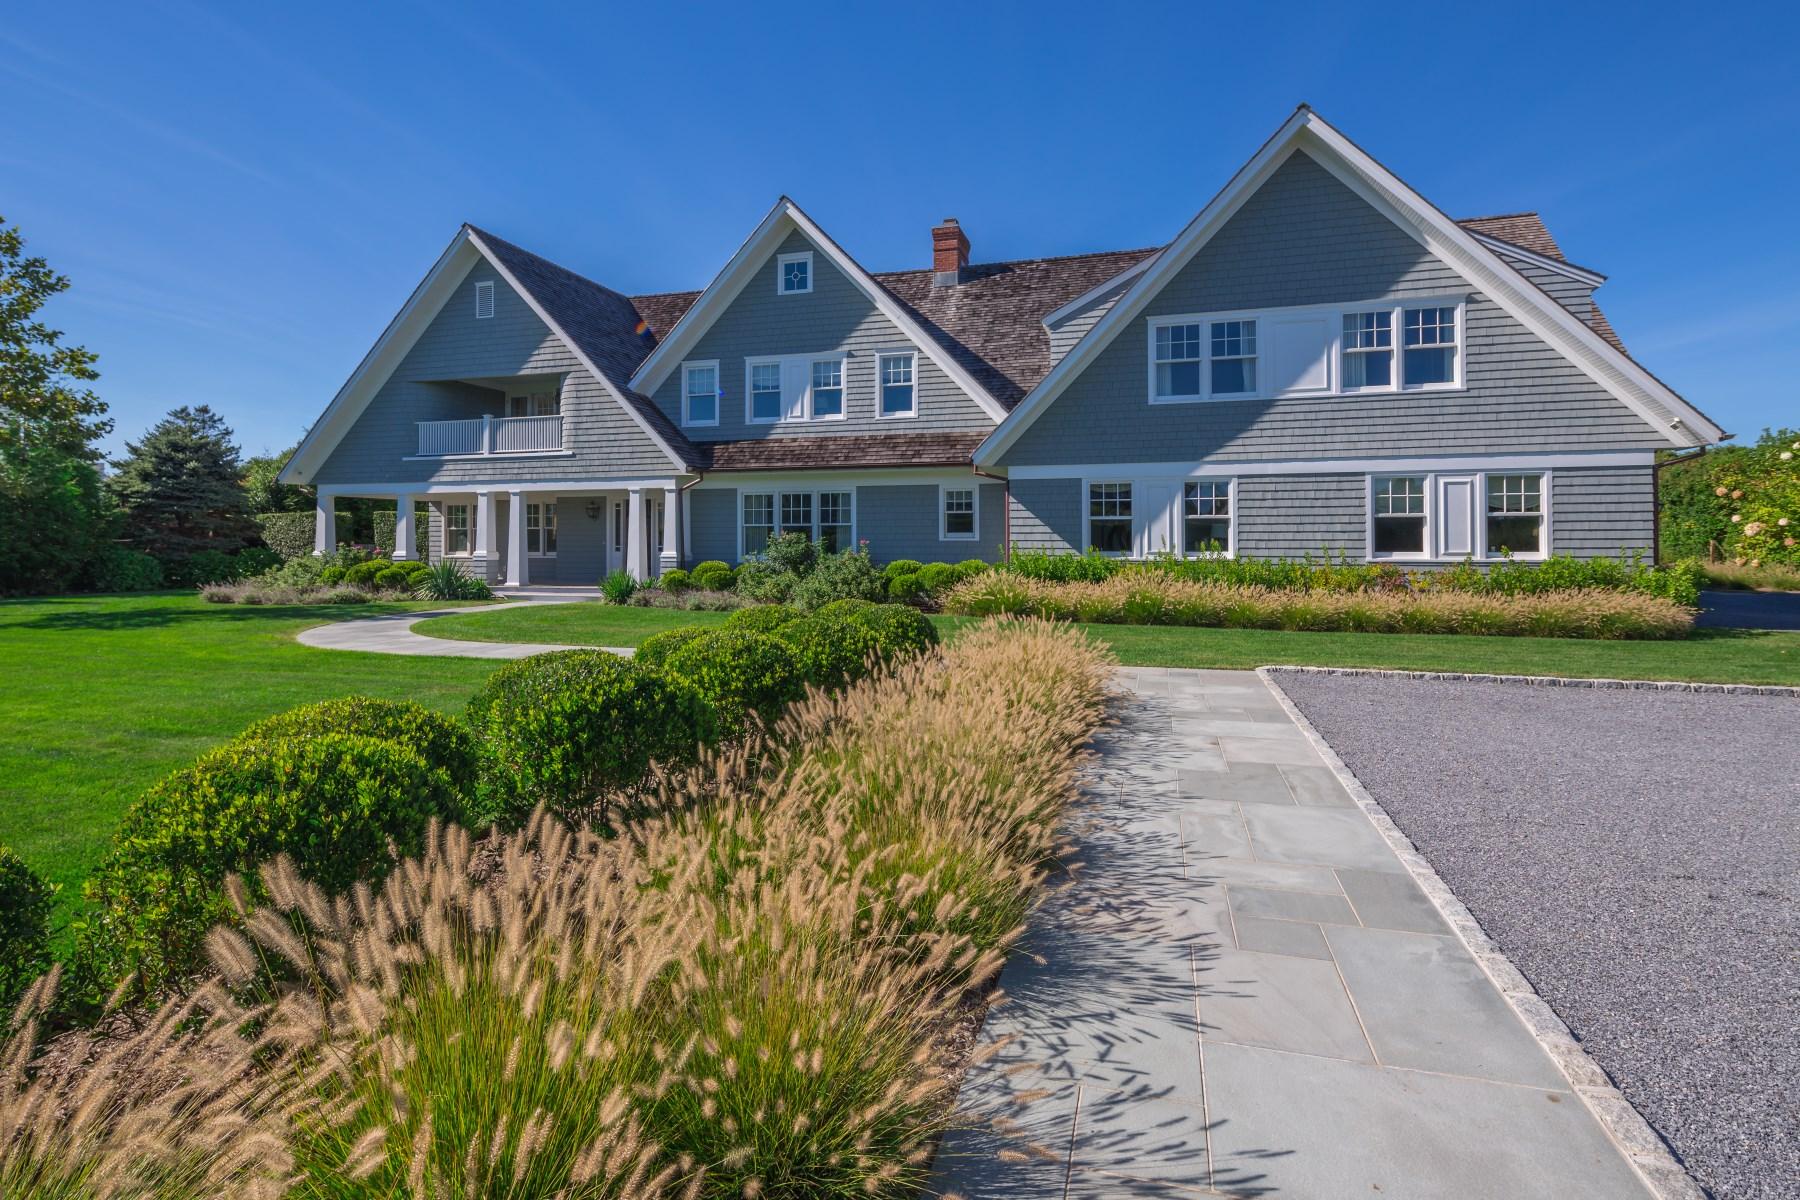 Частный односемейный дом для того Продажа на Meticulous Design Near Ocean Bridgehampton South, Bridgehampton, Нью-Йорк, 11932 Соединенные Штаты